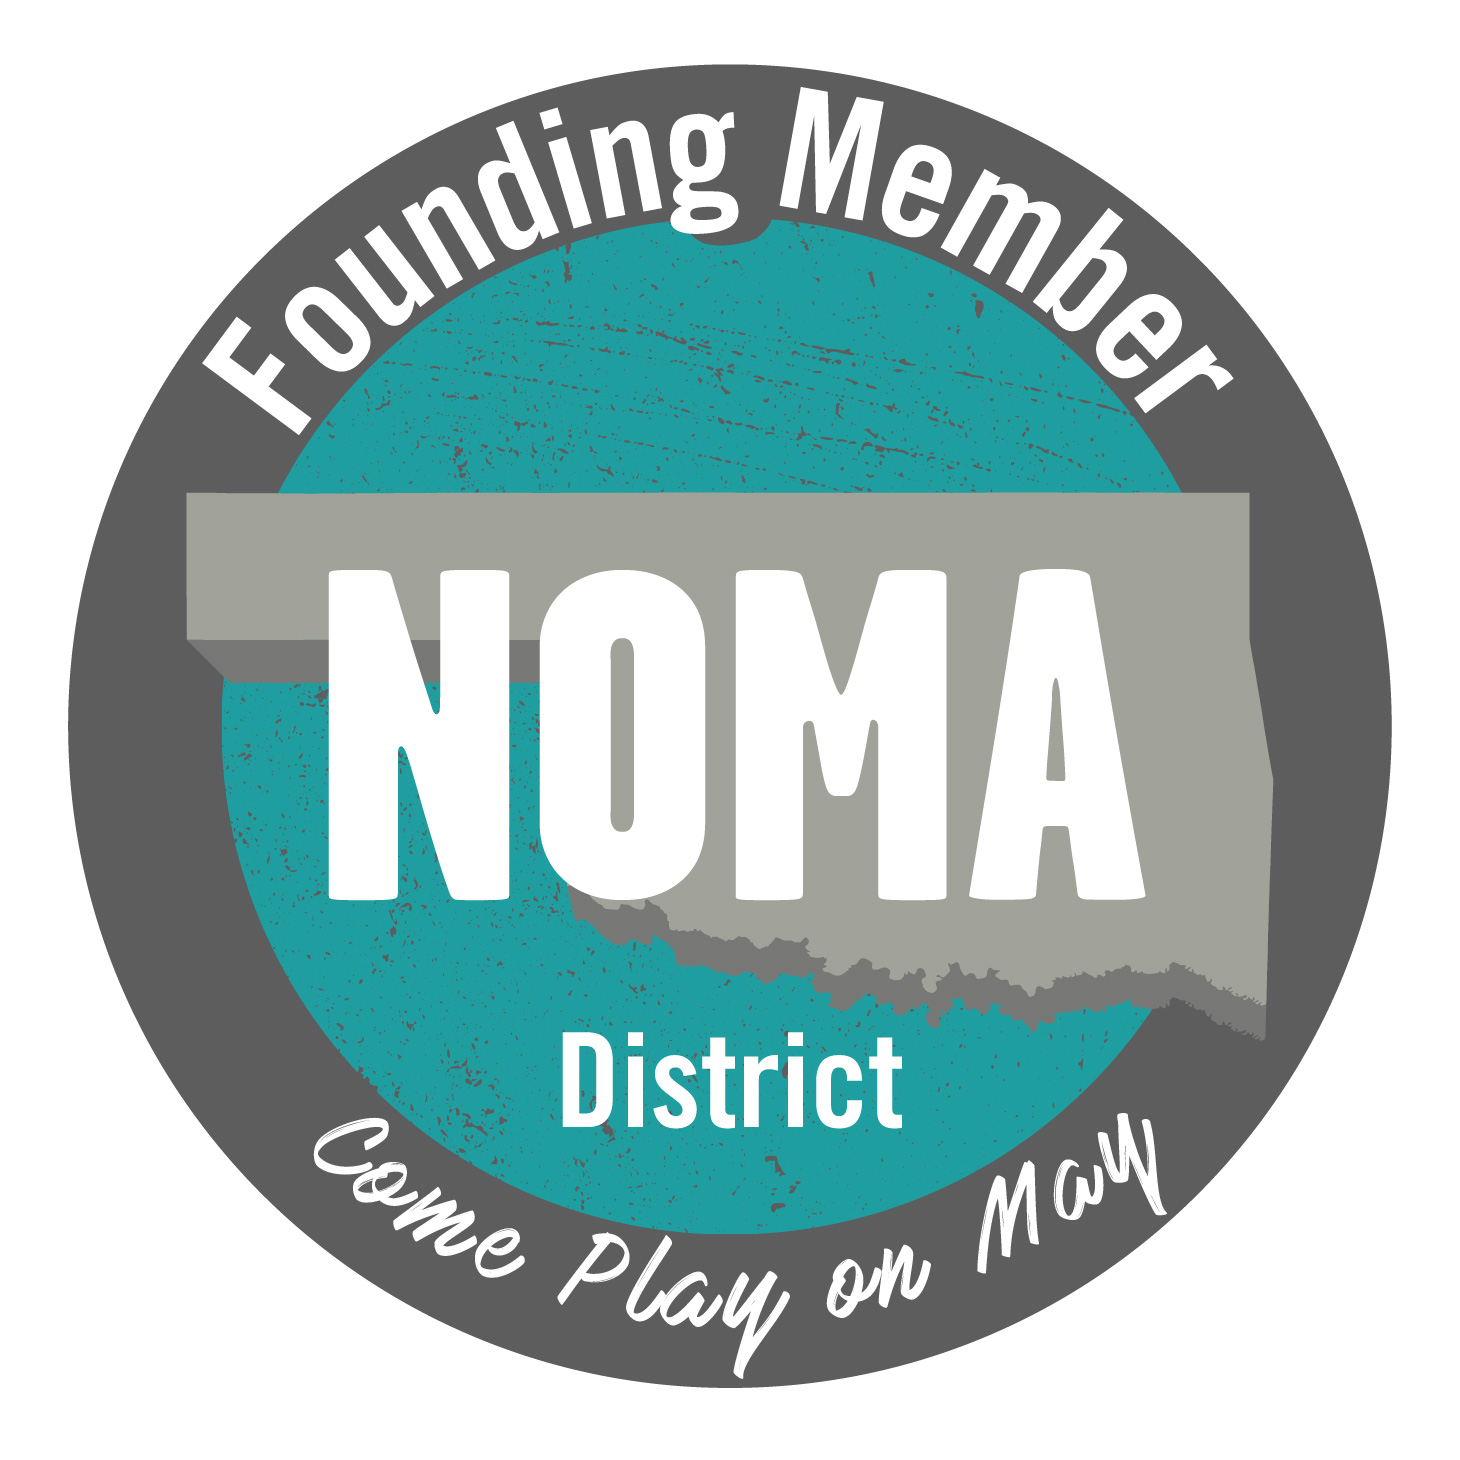 noma-logo-01.jpg